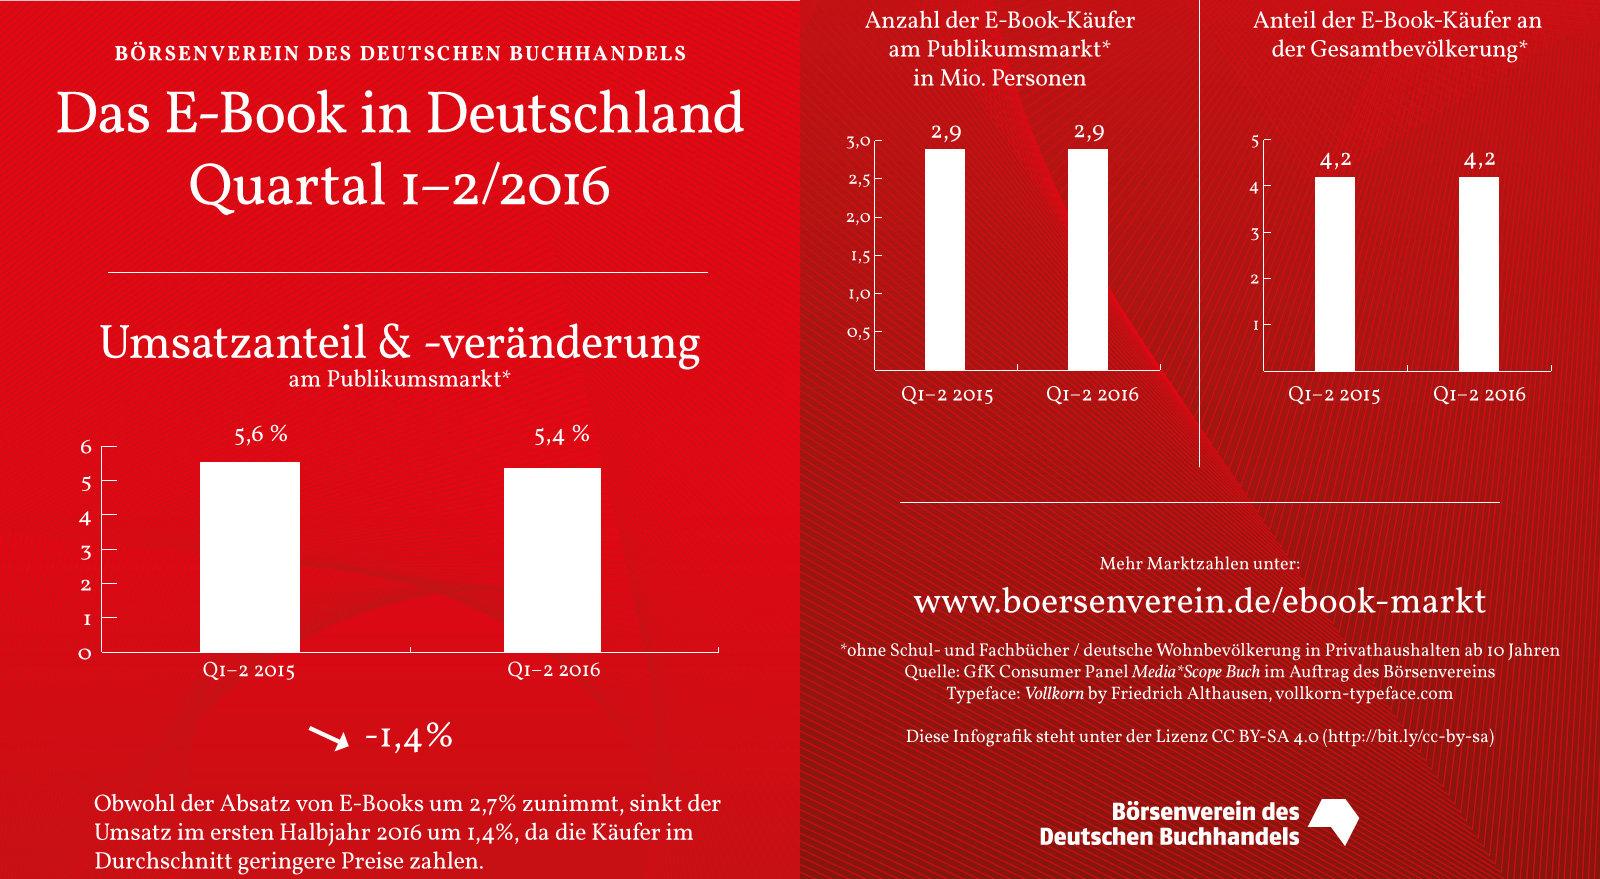 Fallender Umsatz und steigender Absatz bei den E-Books im ersten Halbjahr 2016